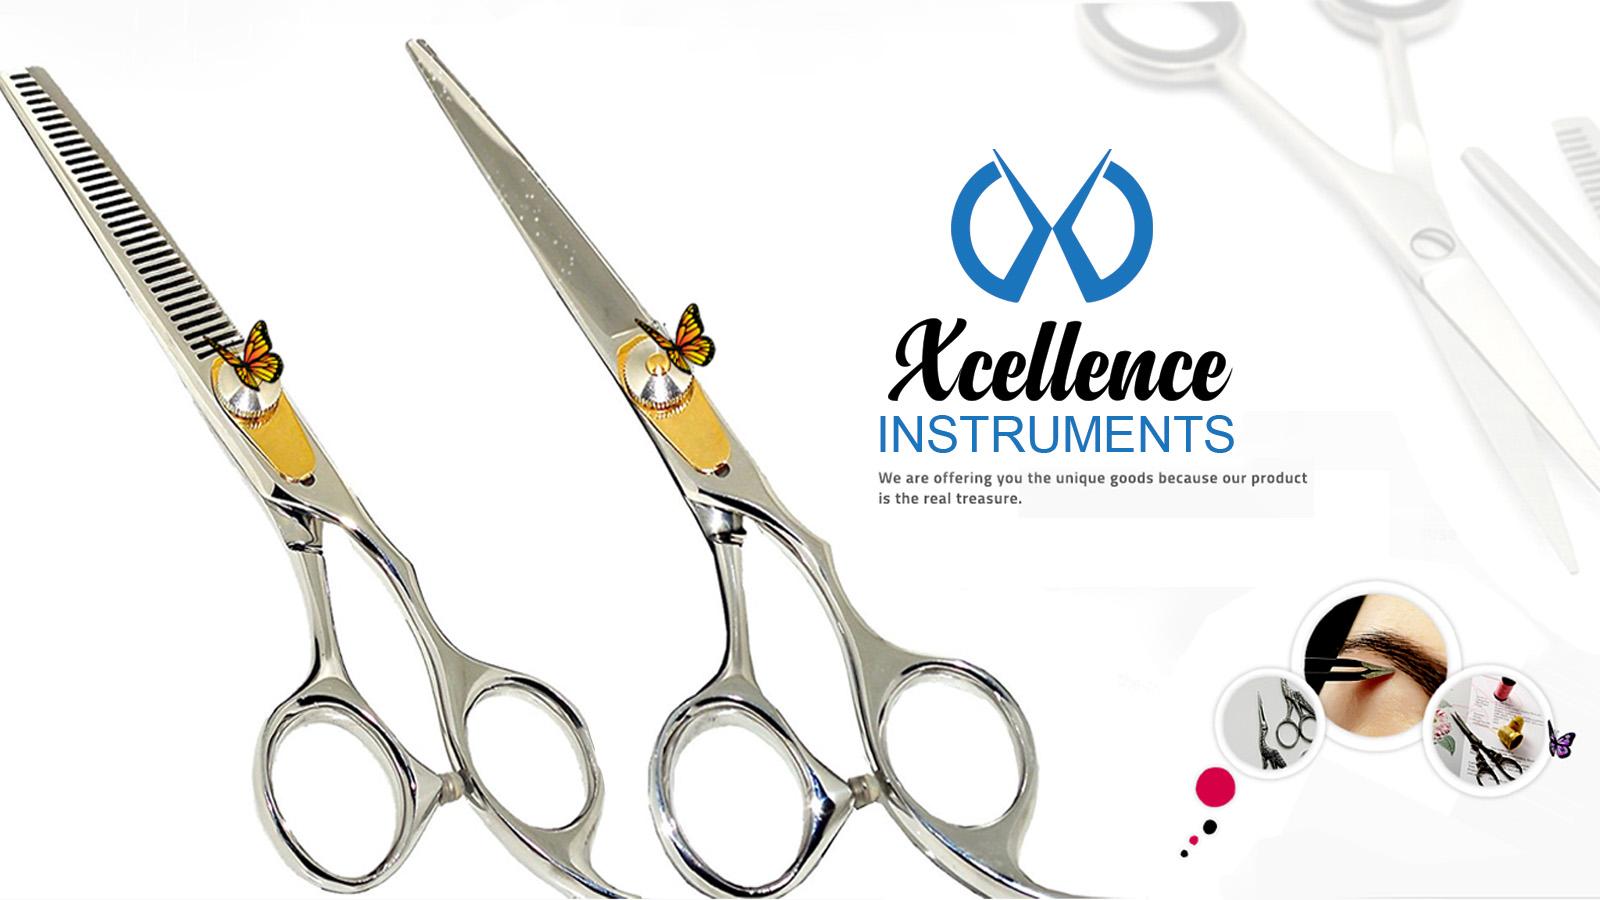 beauty scissors 02